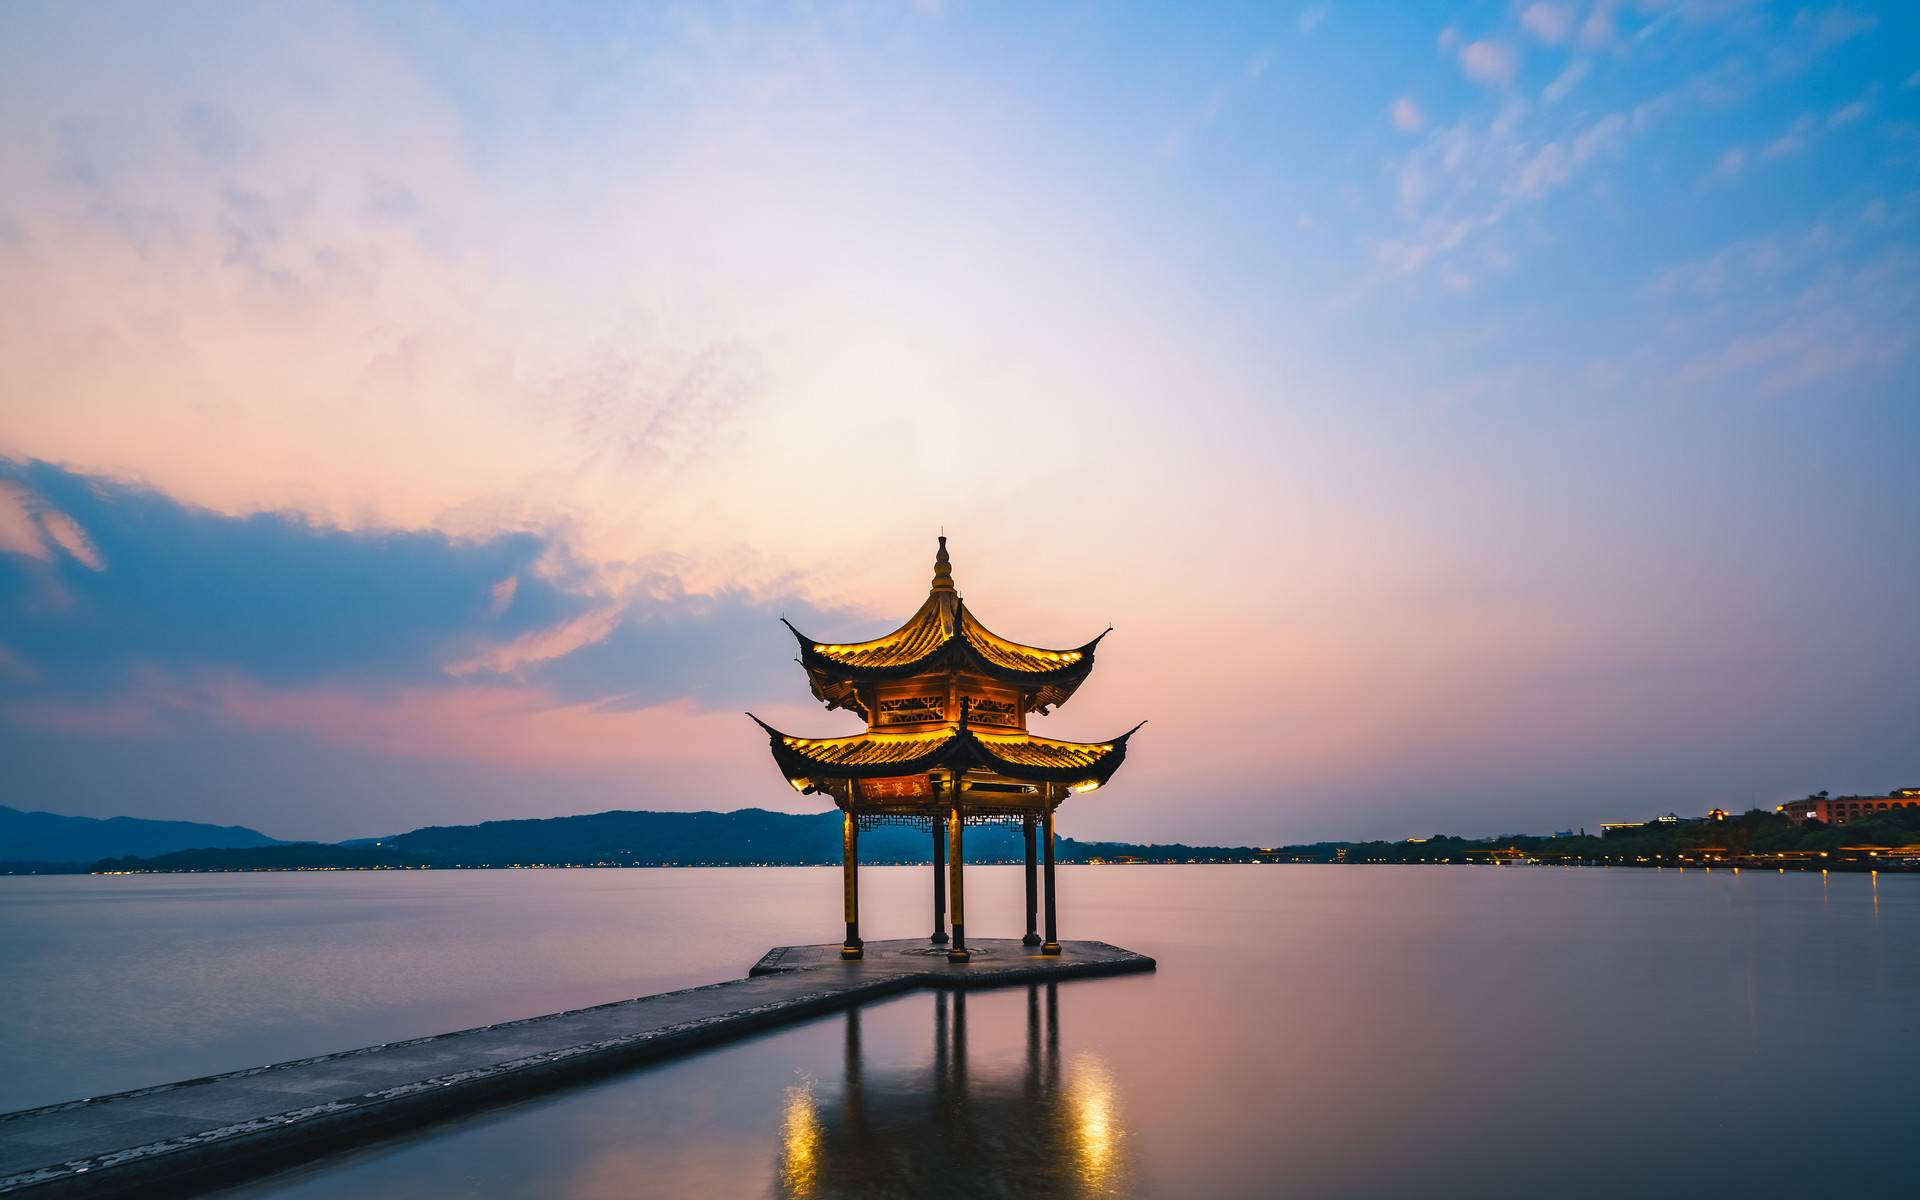 上海外滩+杭州西湖+西溪湿地+苏州耦园·5天4晚